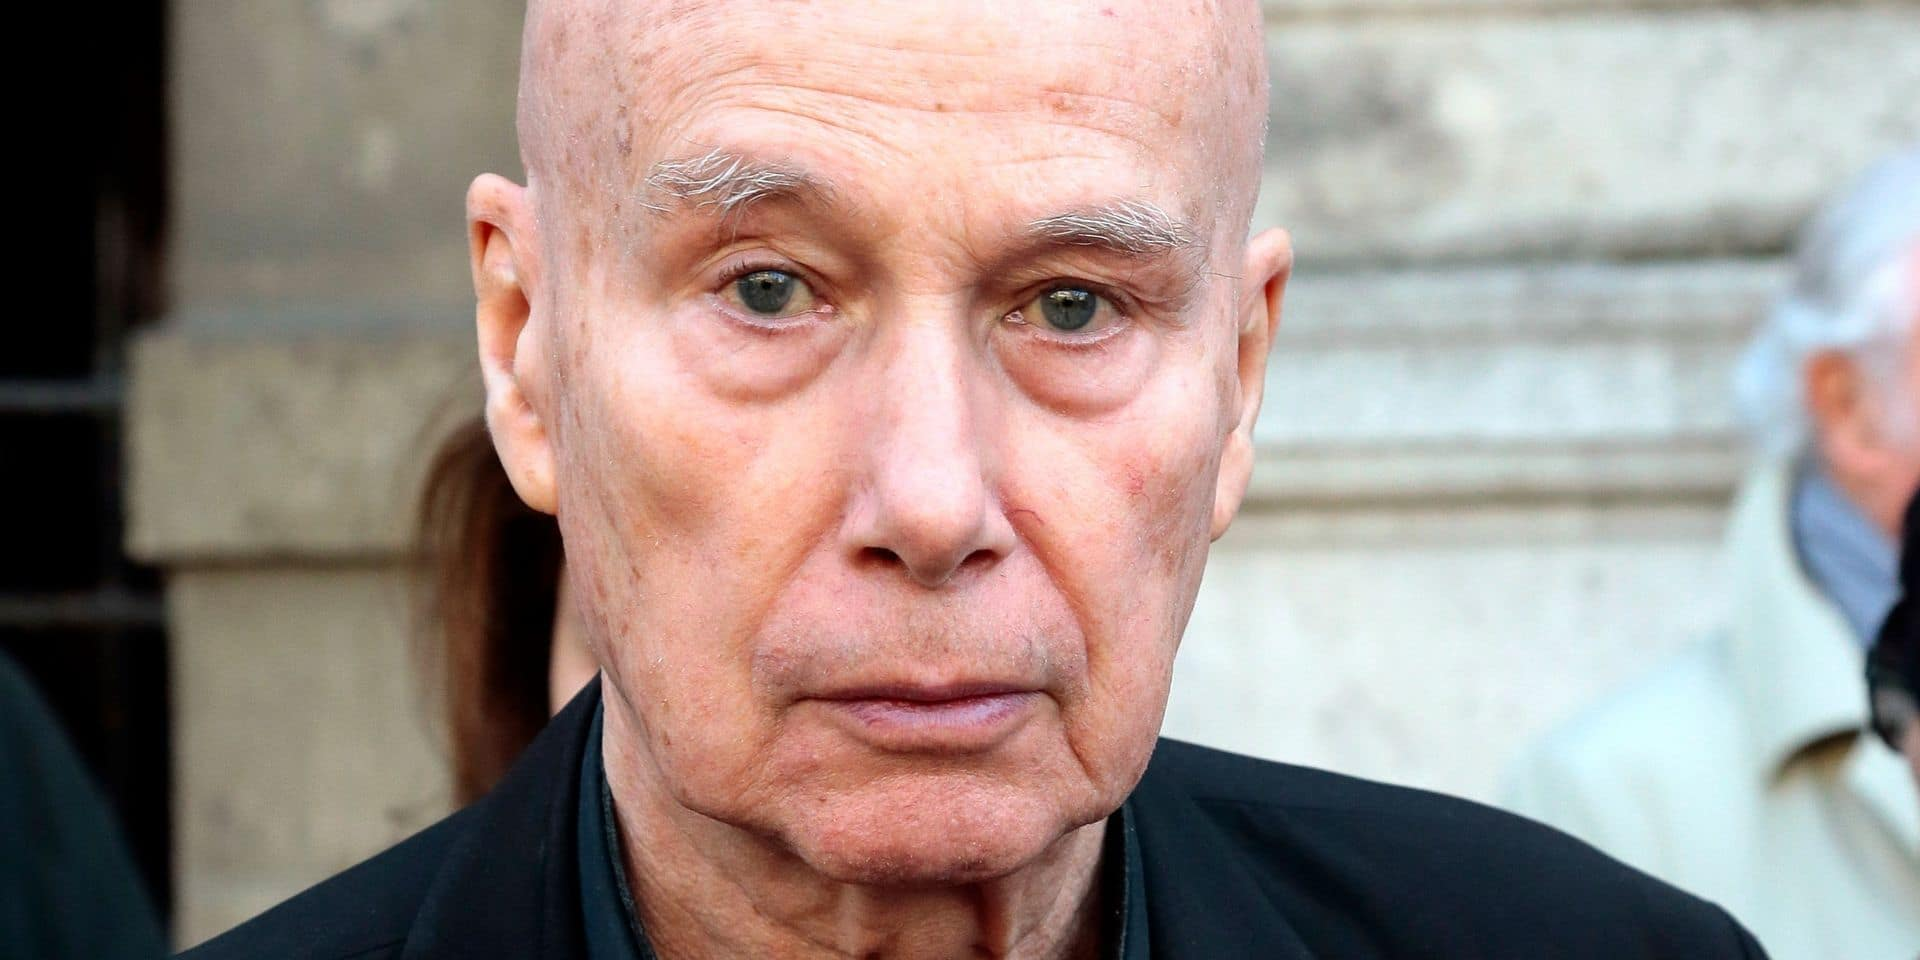 """Accusé de pédophilie, Gabriel Matzneff sort le livre """"Vanessavirus"""" en réponse aux accusations de Vanessa Springora"""